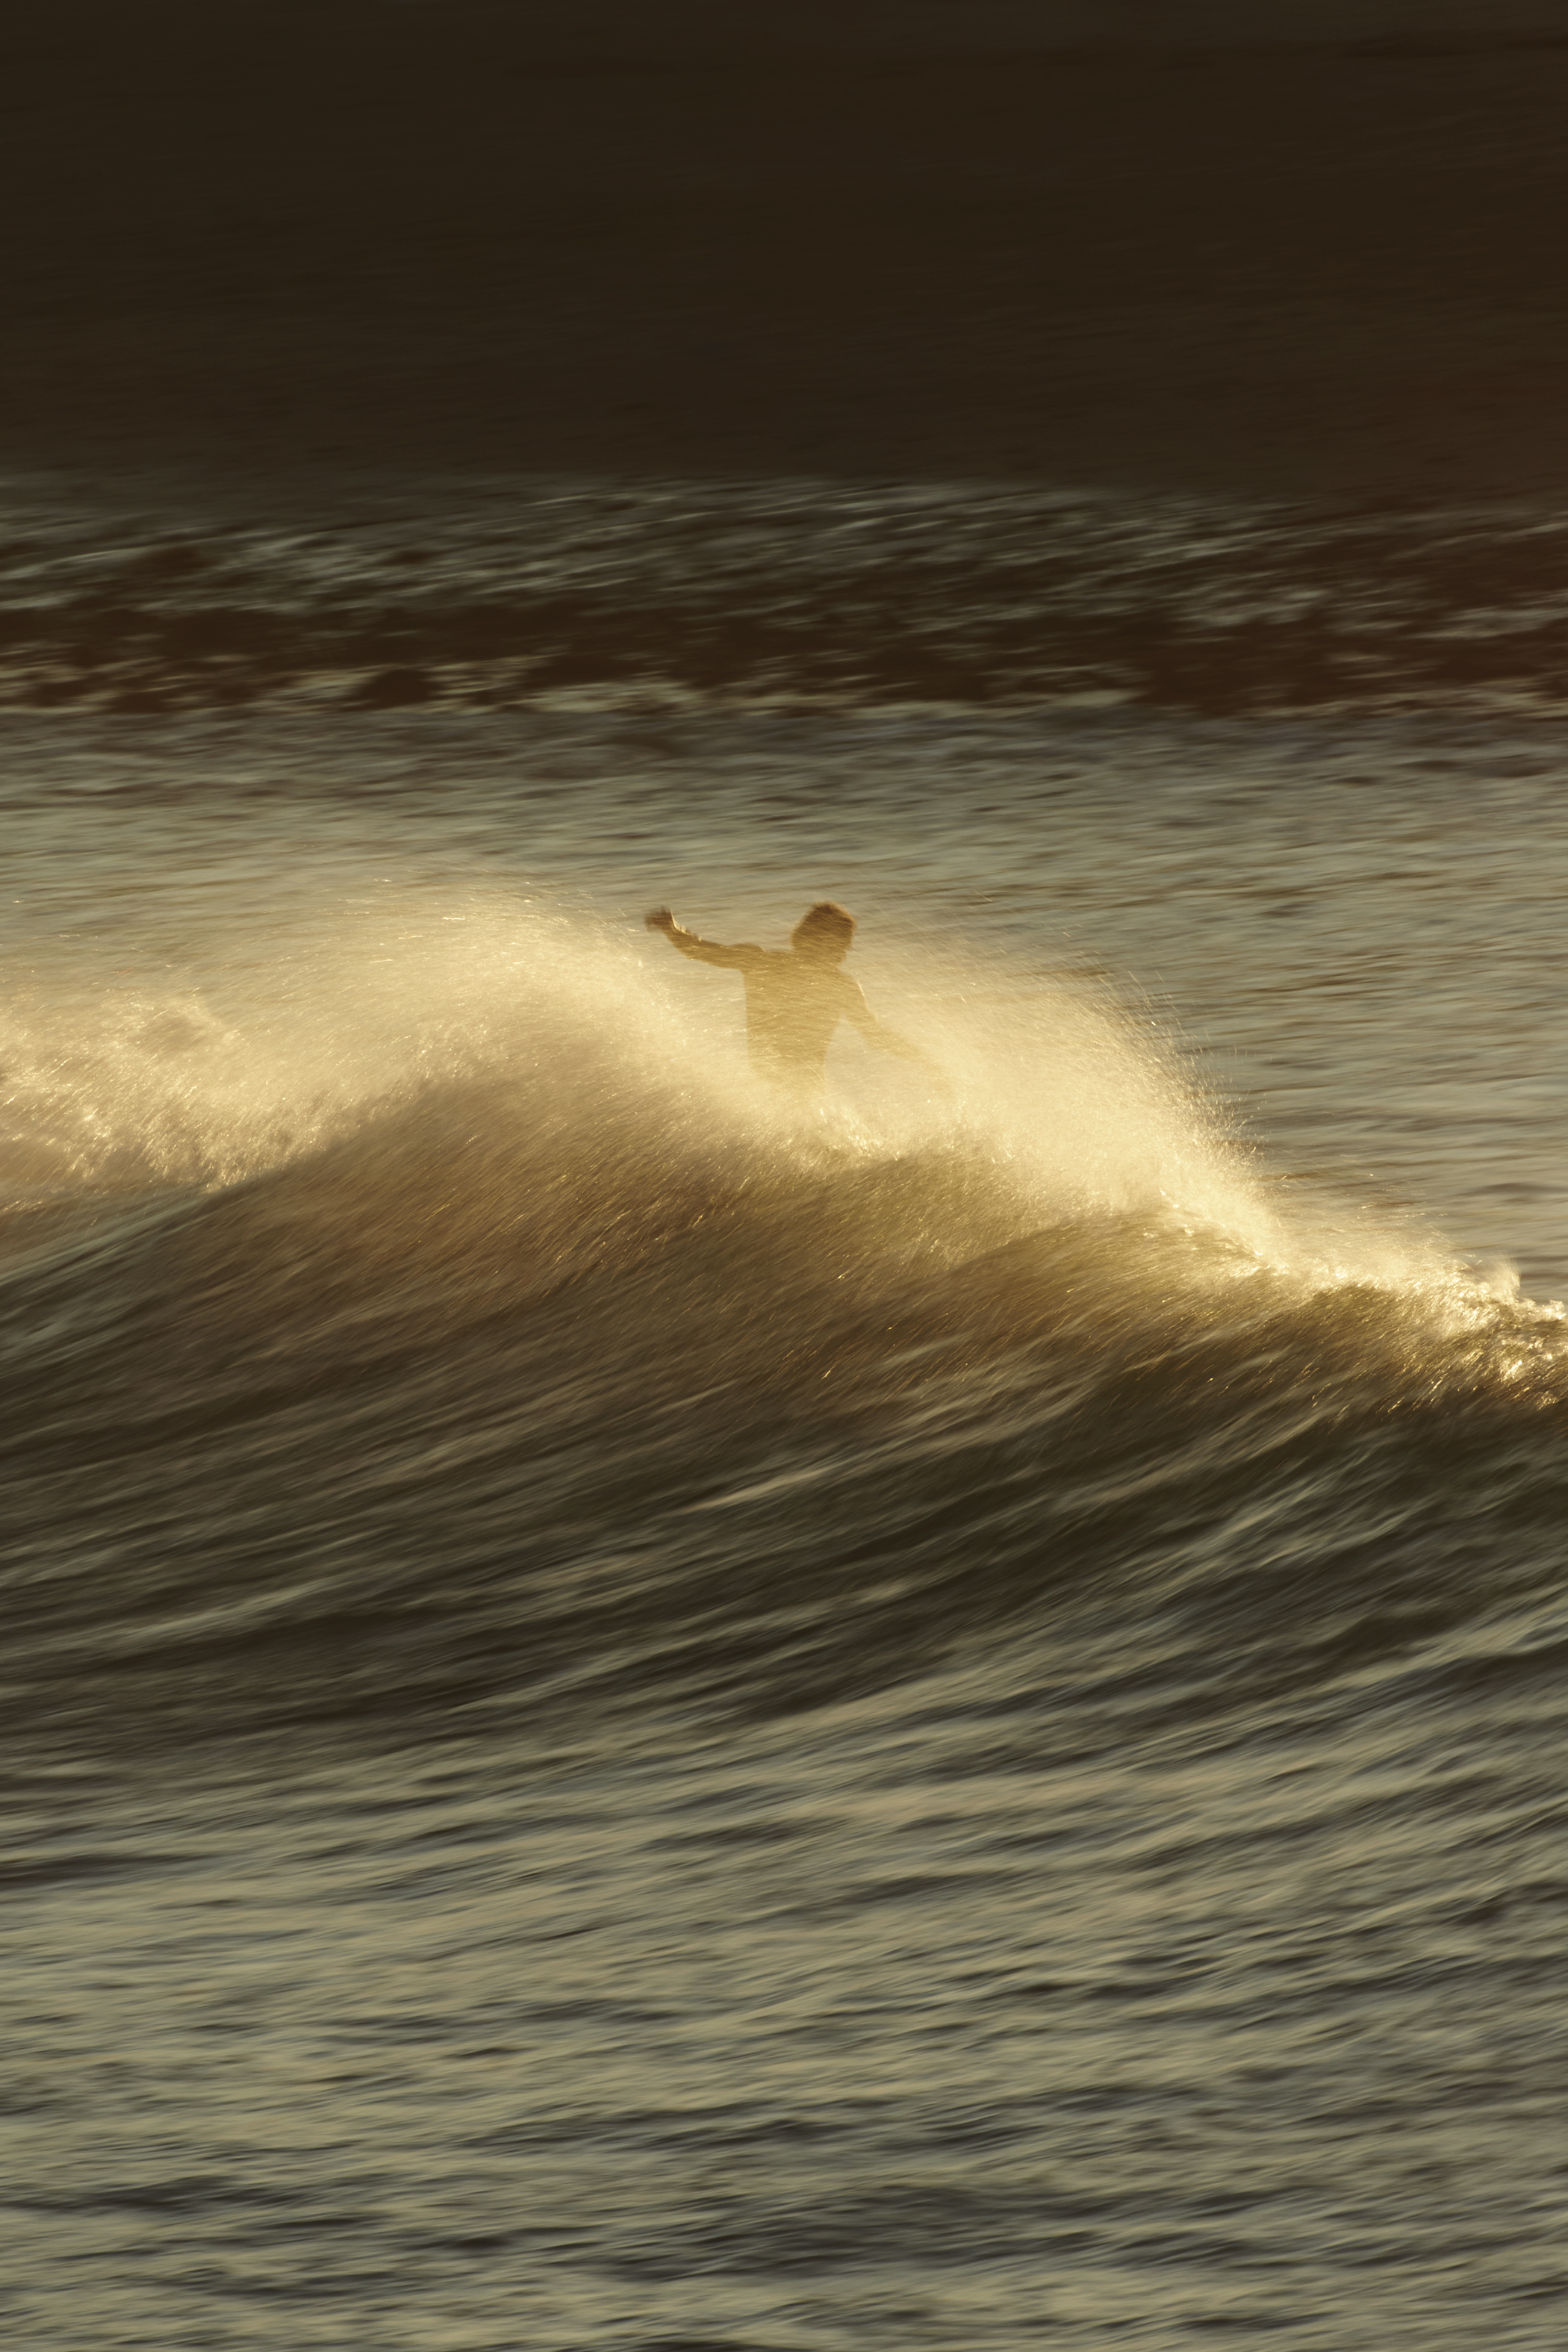 Tyler Warren - Malibu, CA.